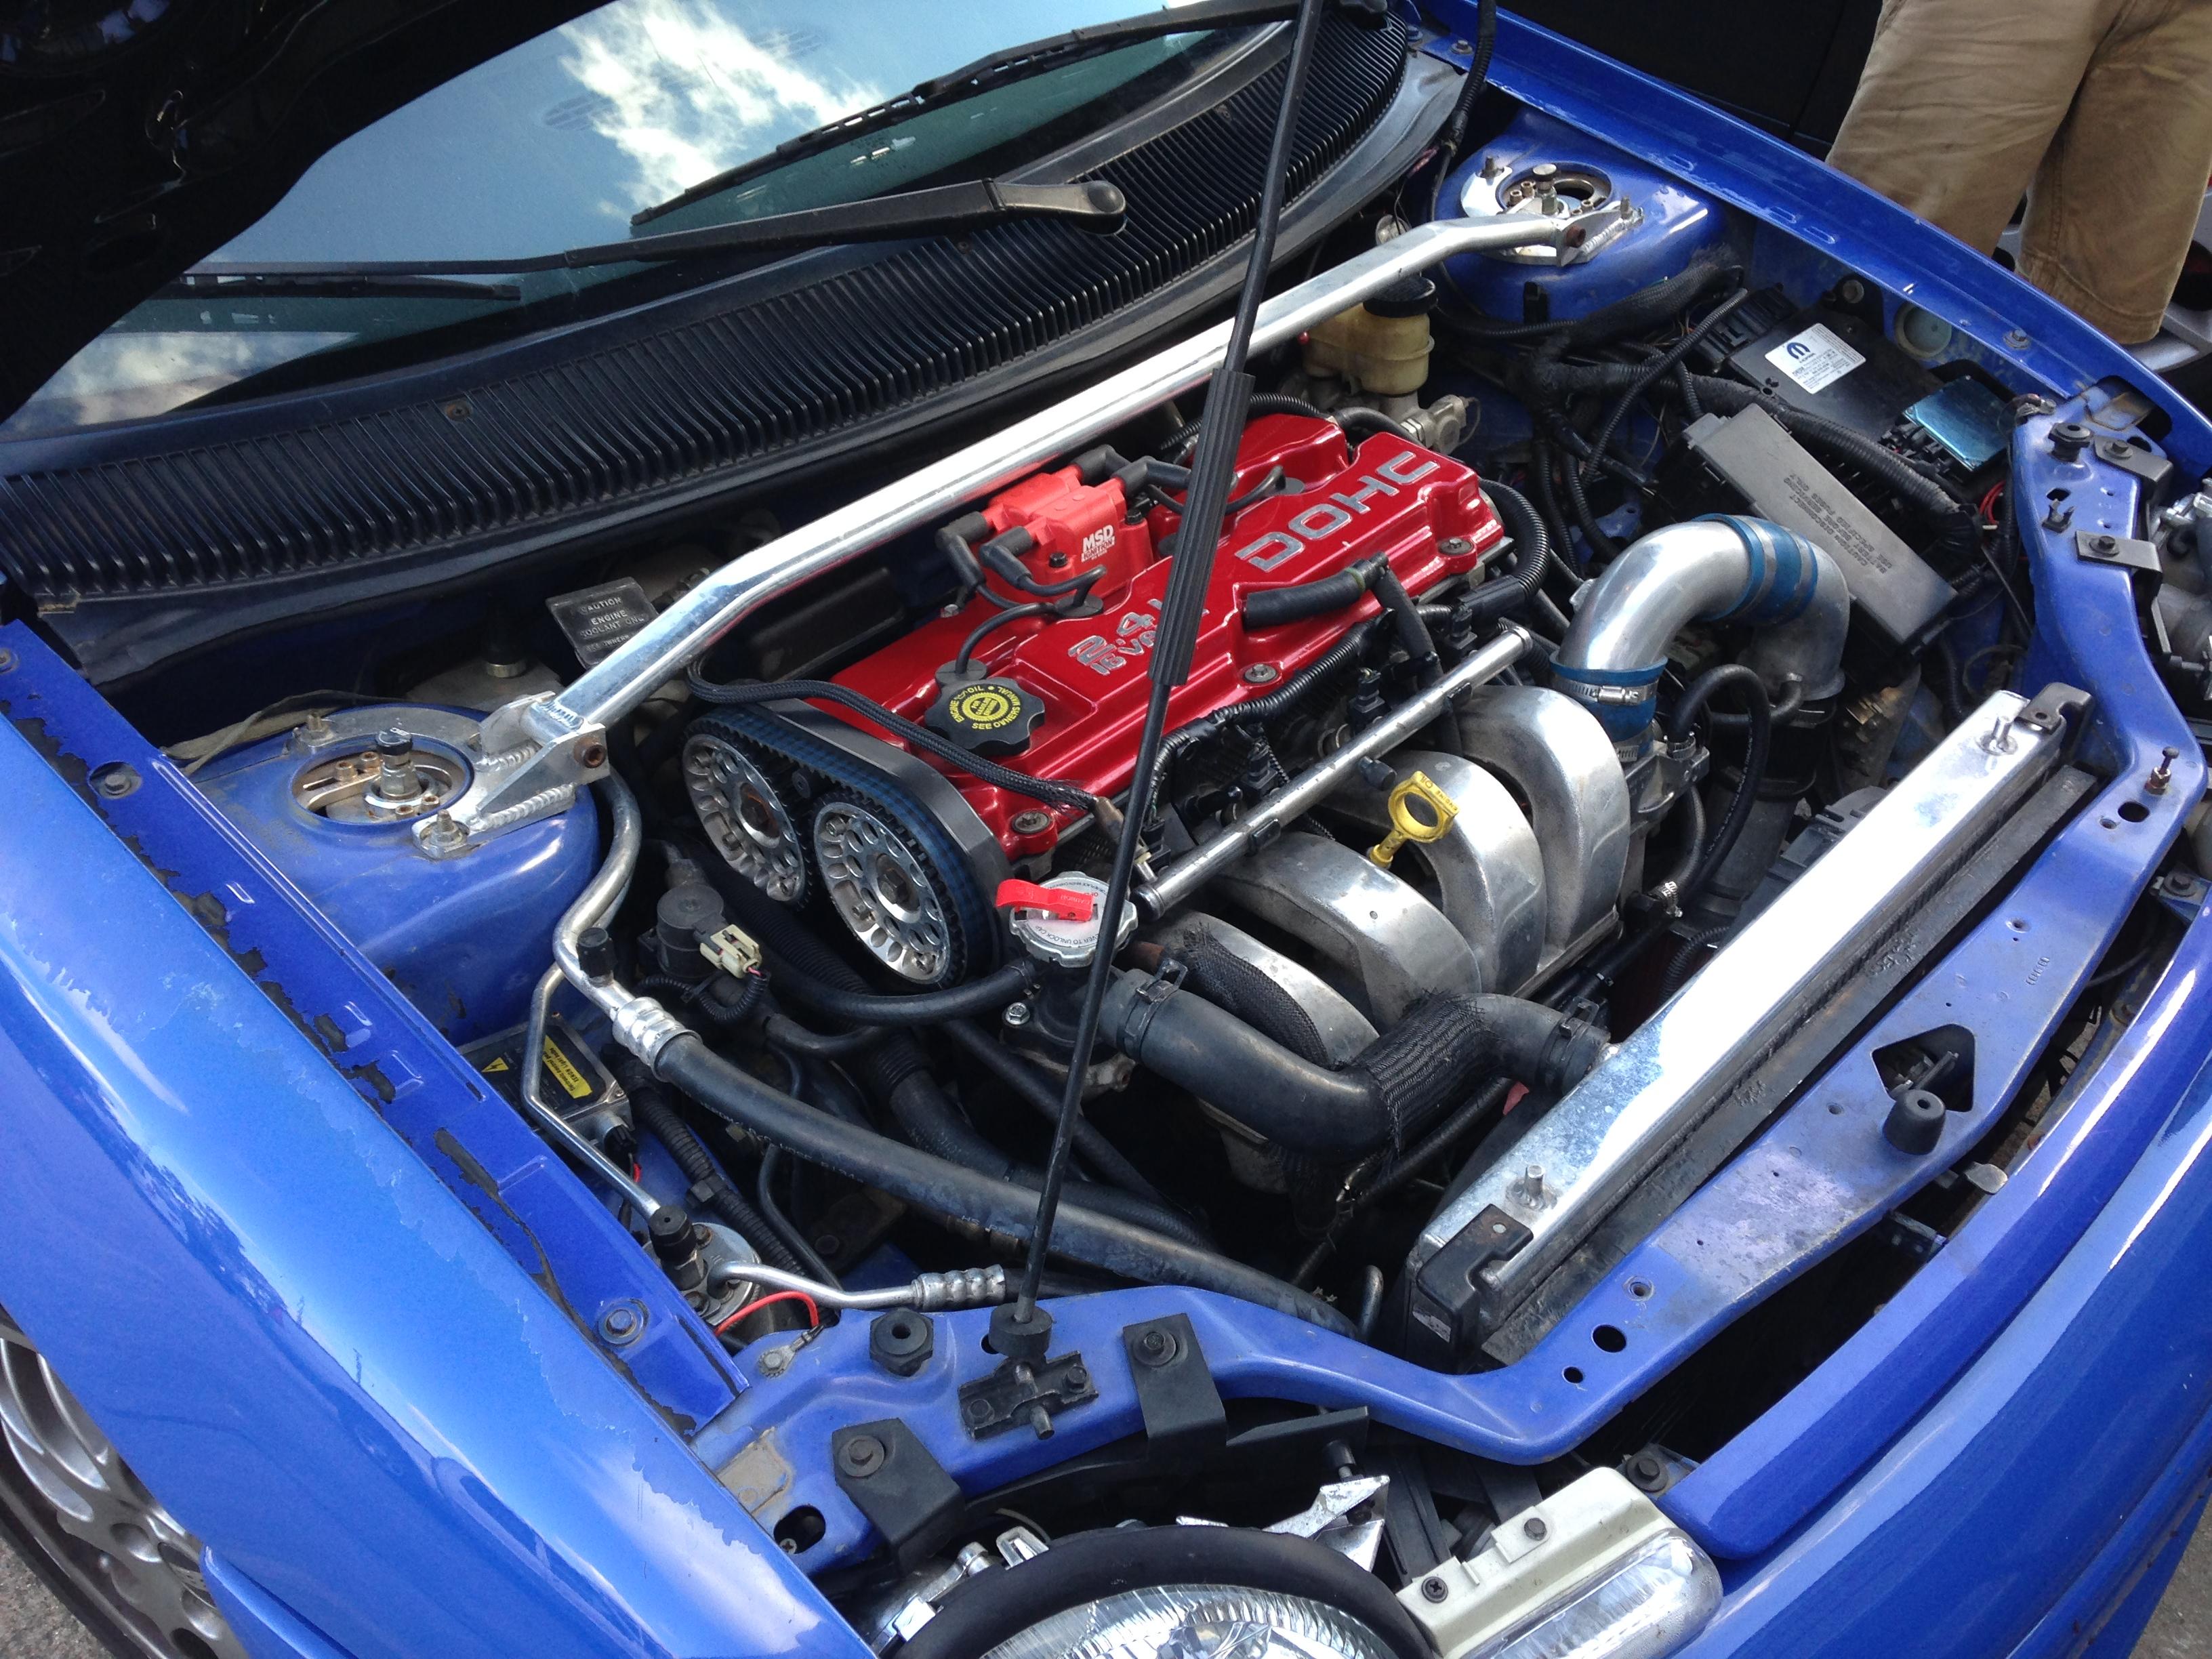 2004 Dodge Stratus 2 7 Engine Diagram 04